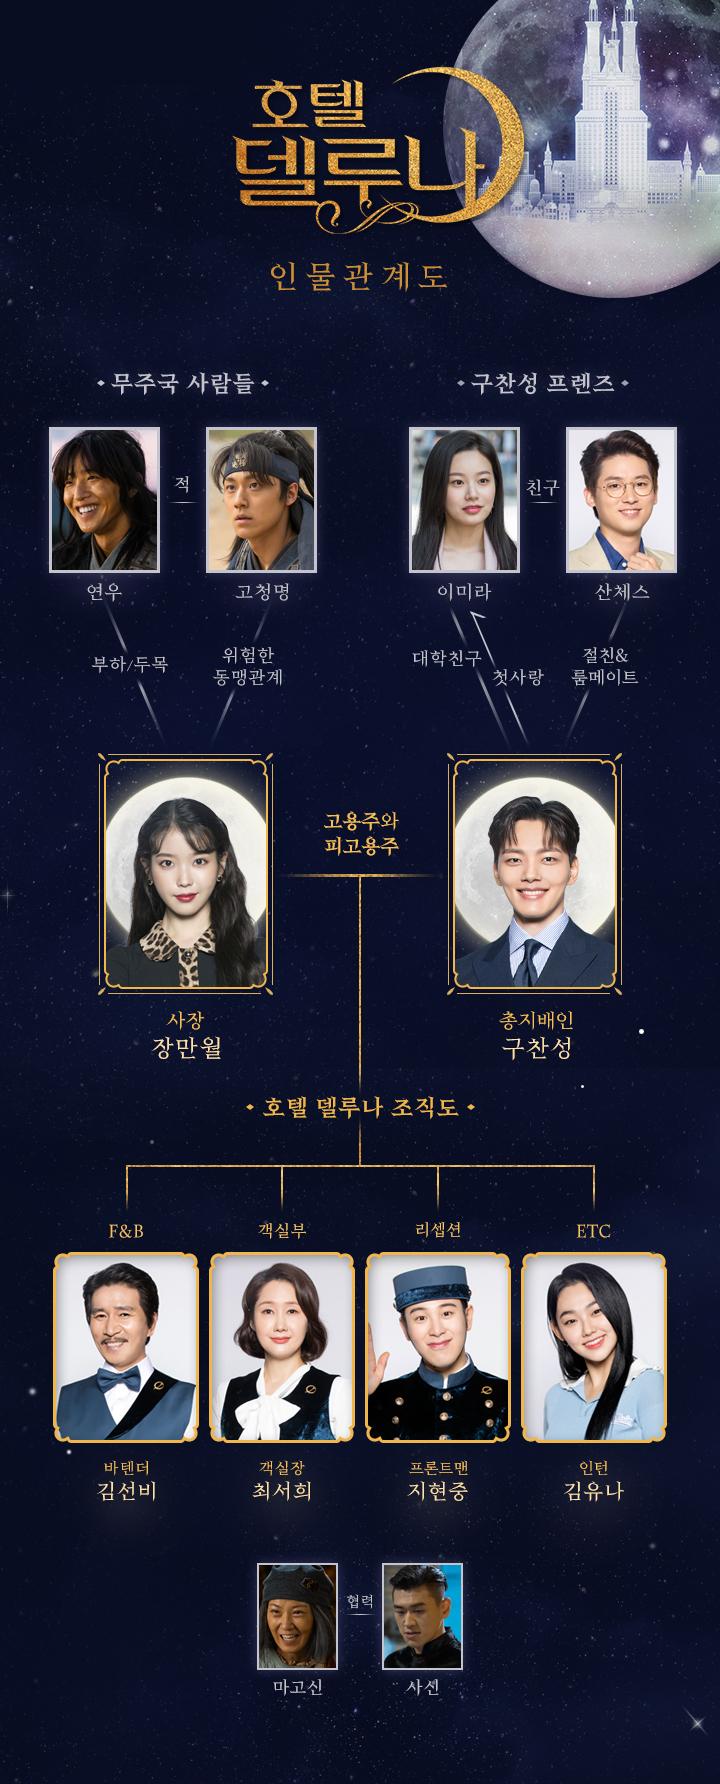 tvN'호텔 델루나' 홈페이지 인물관계도 사진 캡처